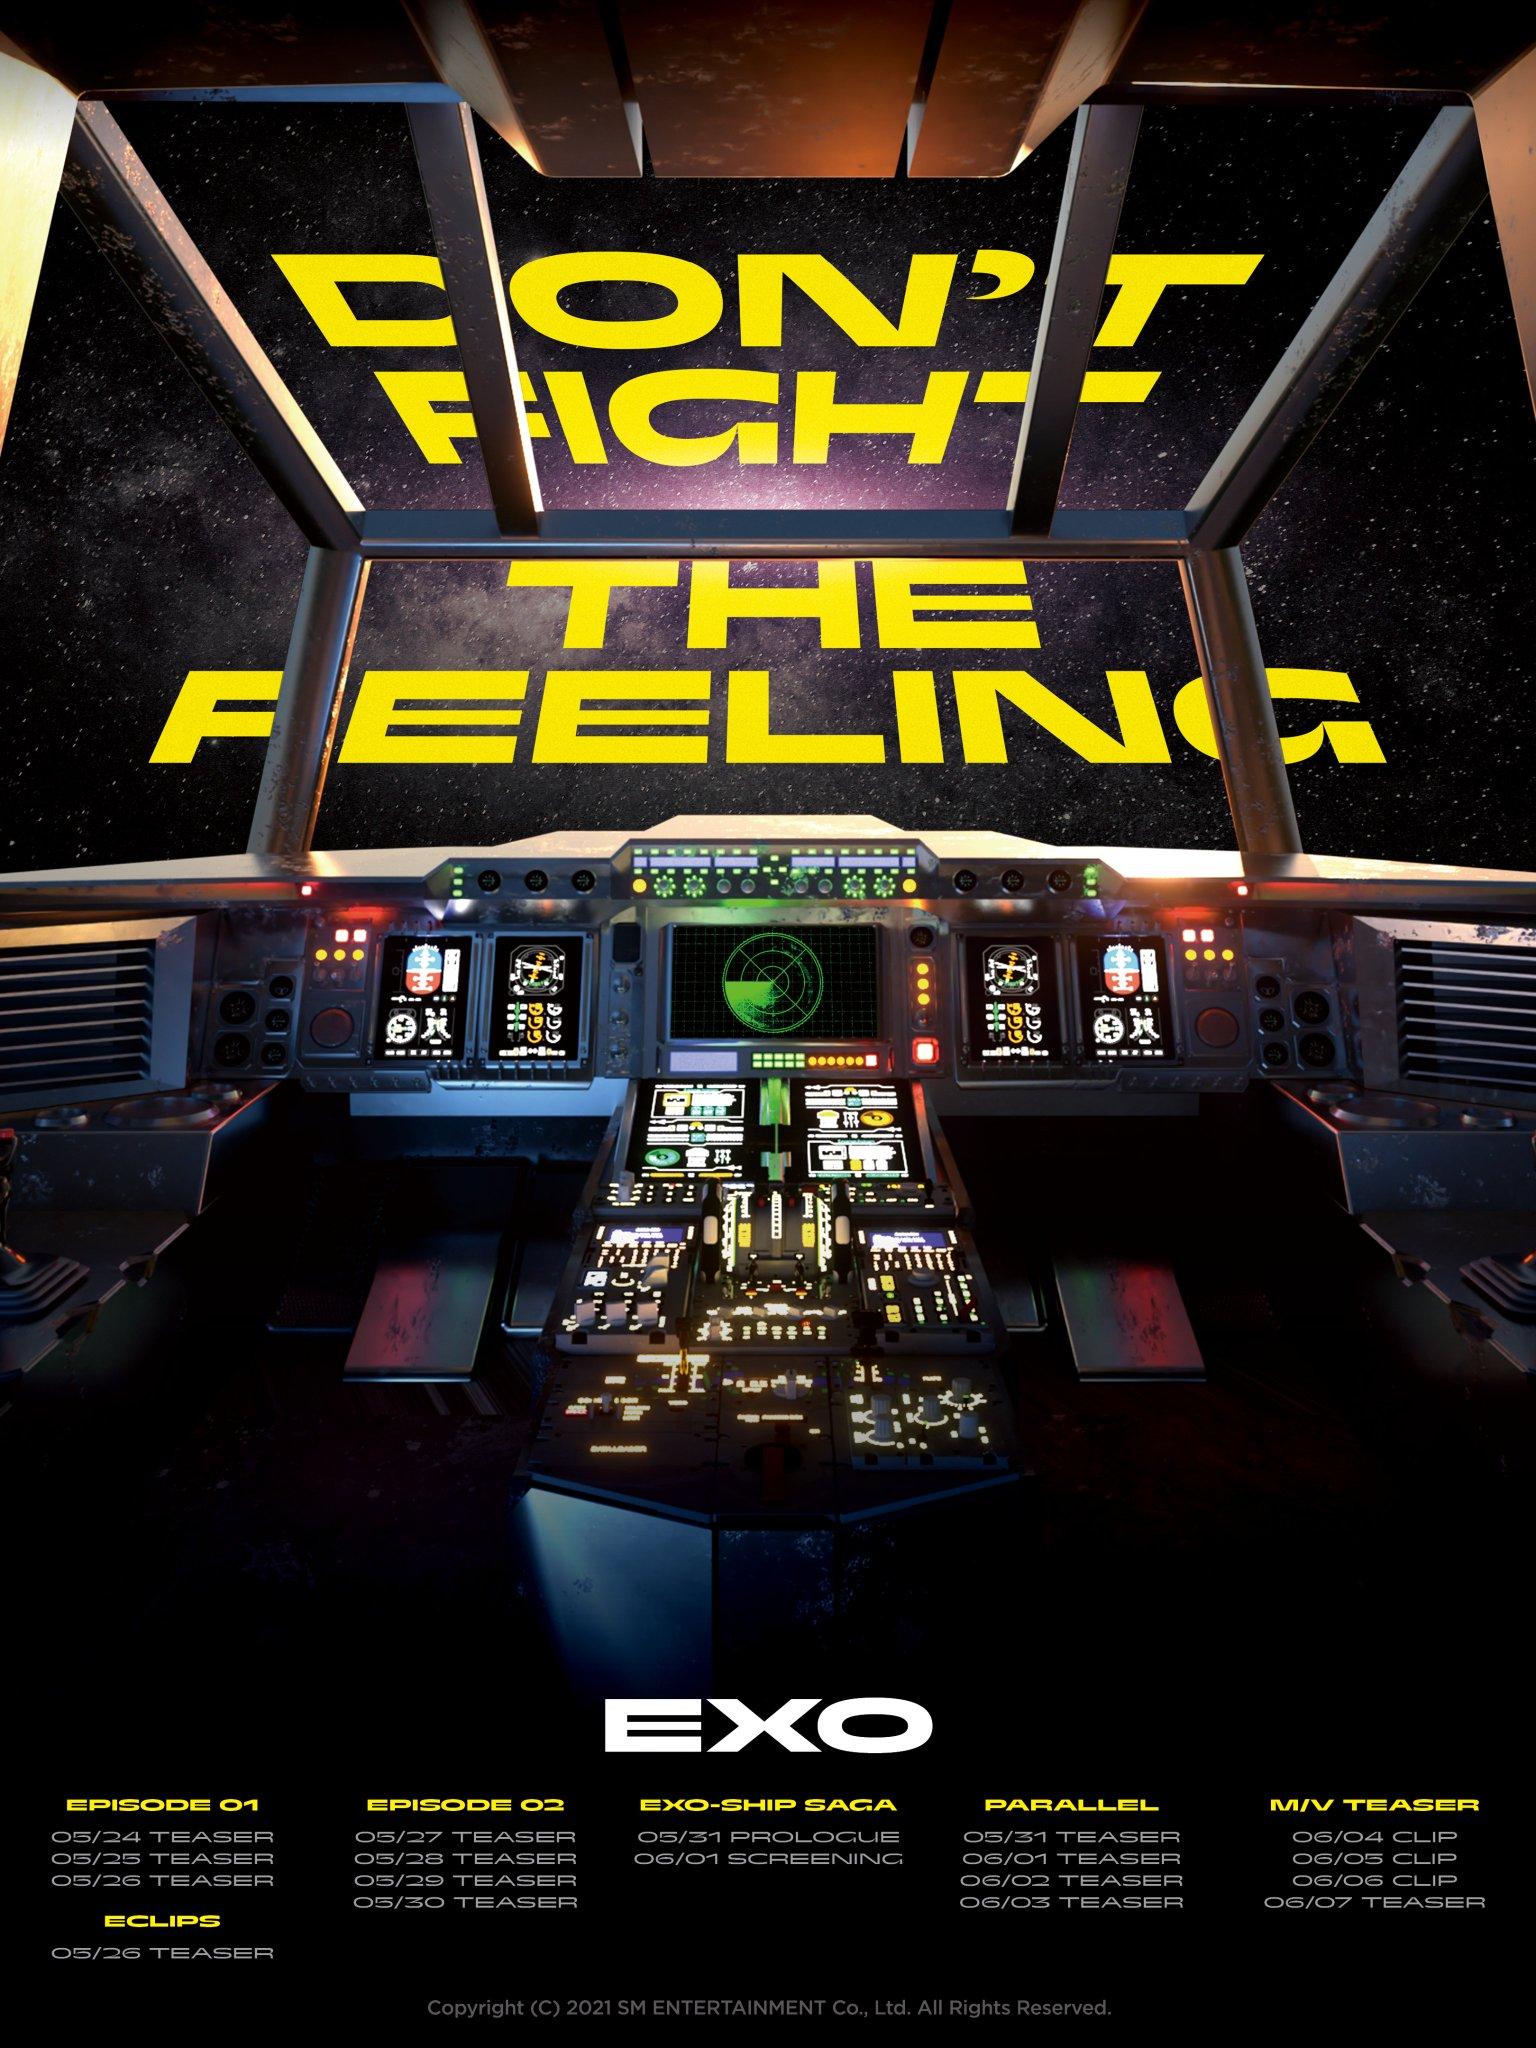 عودة EXO بأغنية Don't Fight the Feeling- الصورة من موقع soompi